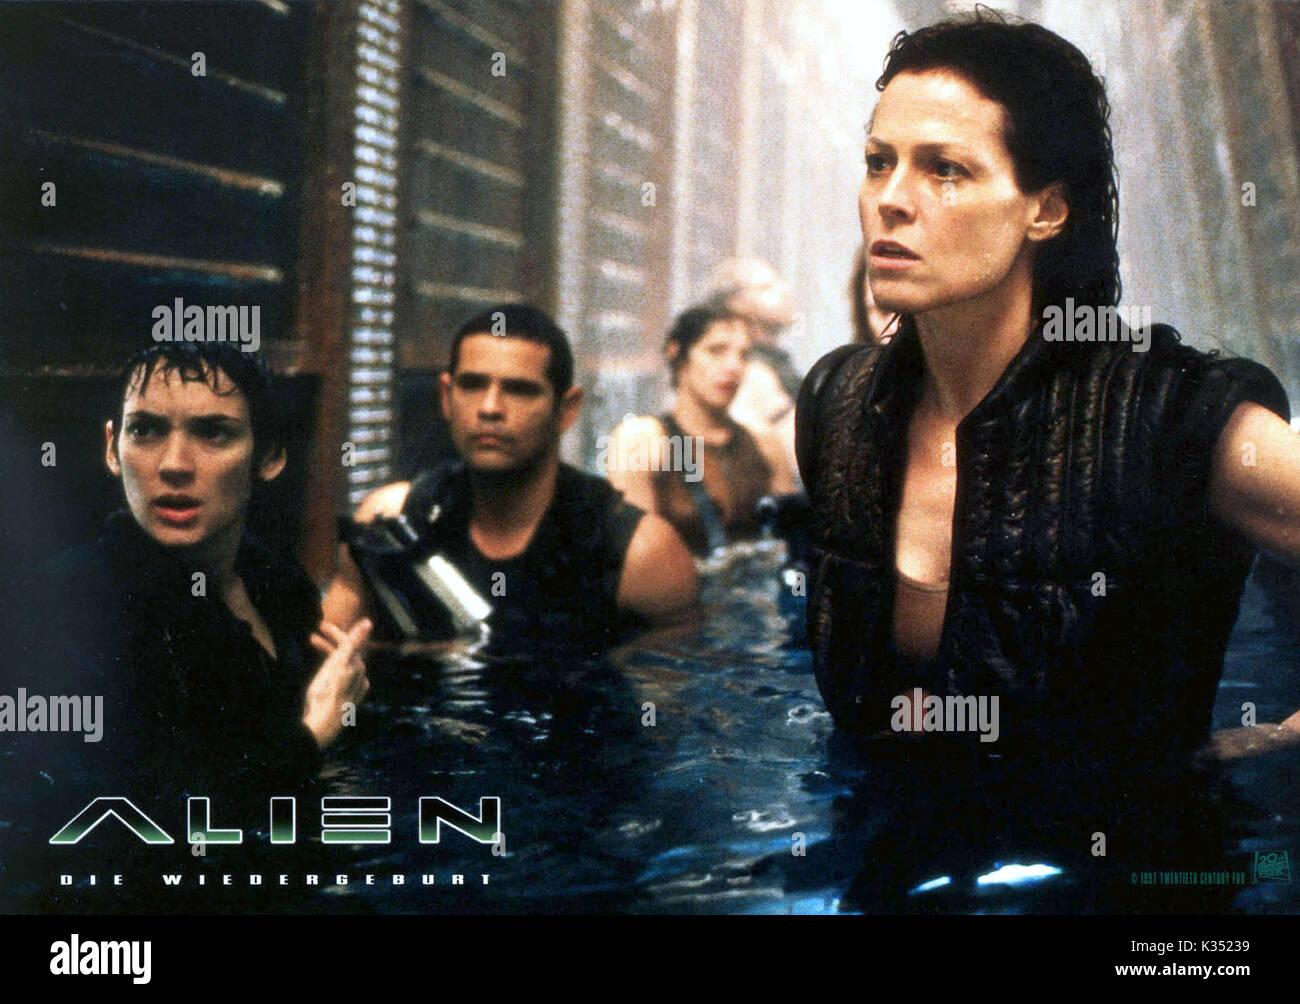 Alien Resurrection 1997 Sigourney Weaver Stock Photos ...